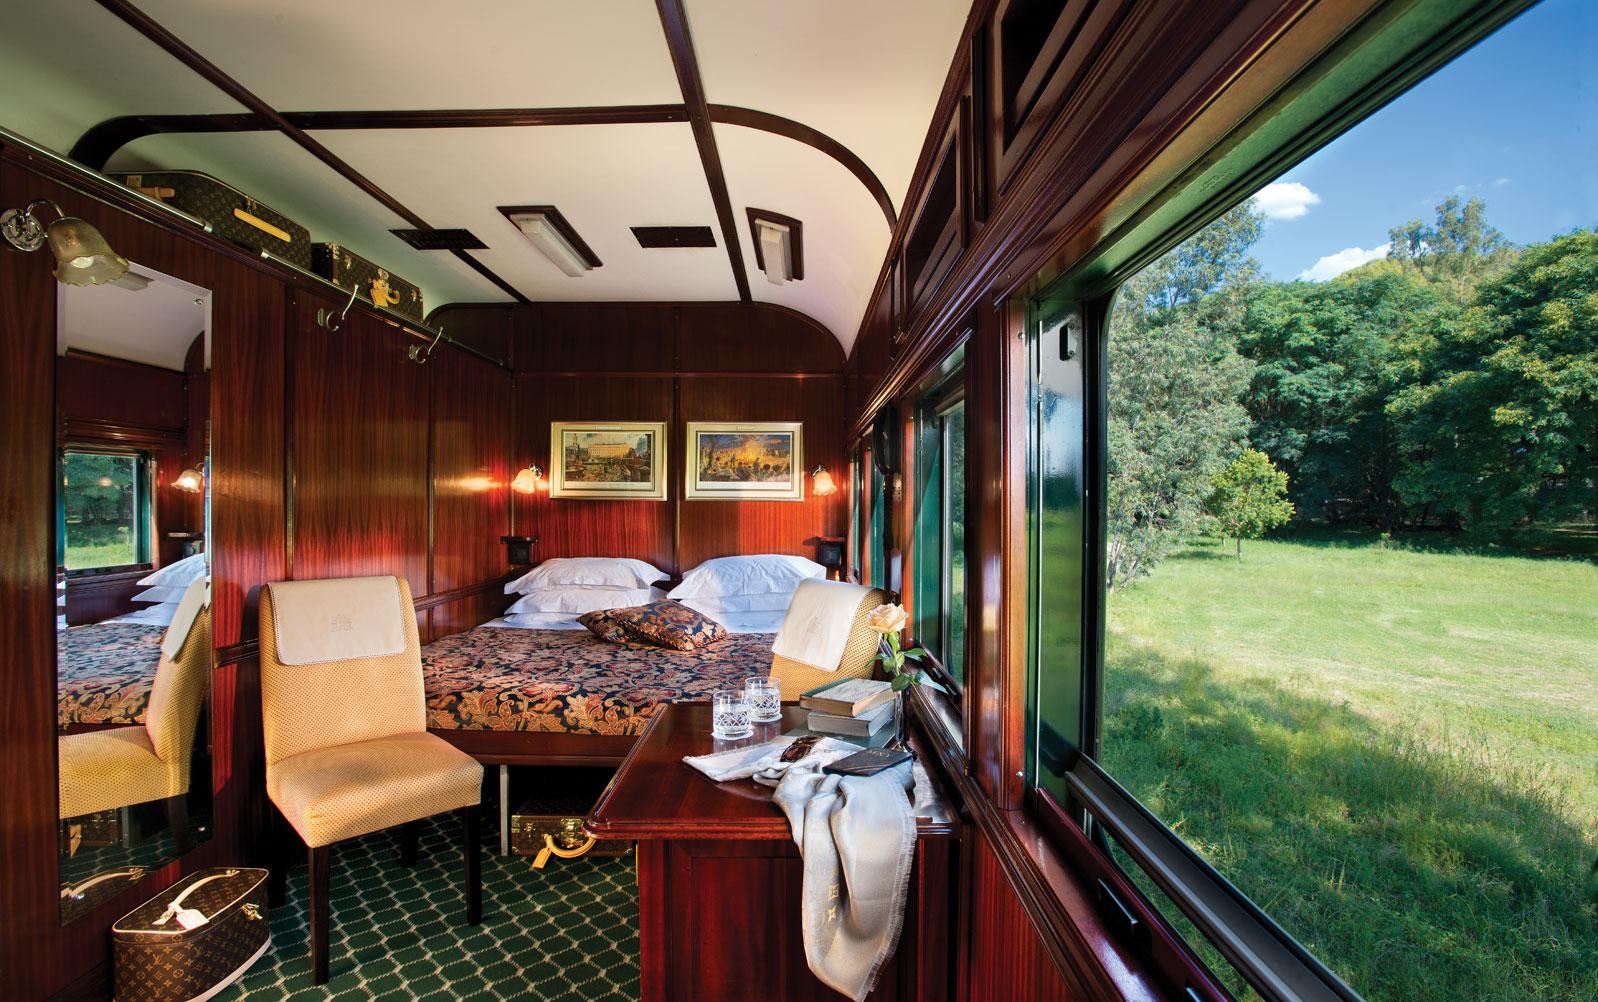 Поезд Rovos Rail Цена за билет: от 1 200 долларов. В хвосте поезда находится вагон с огромными окнам